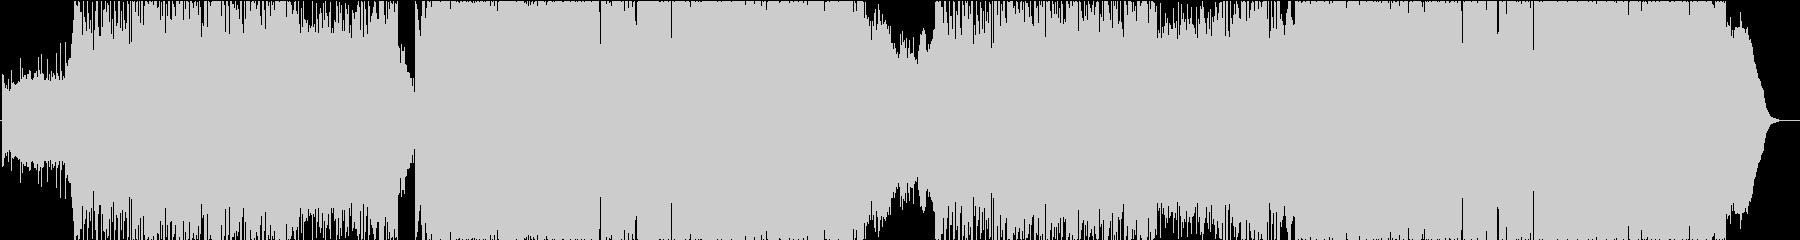 爽快ピアノロックインストの未再生の波形